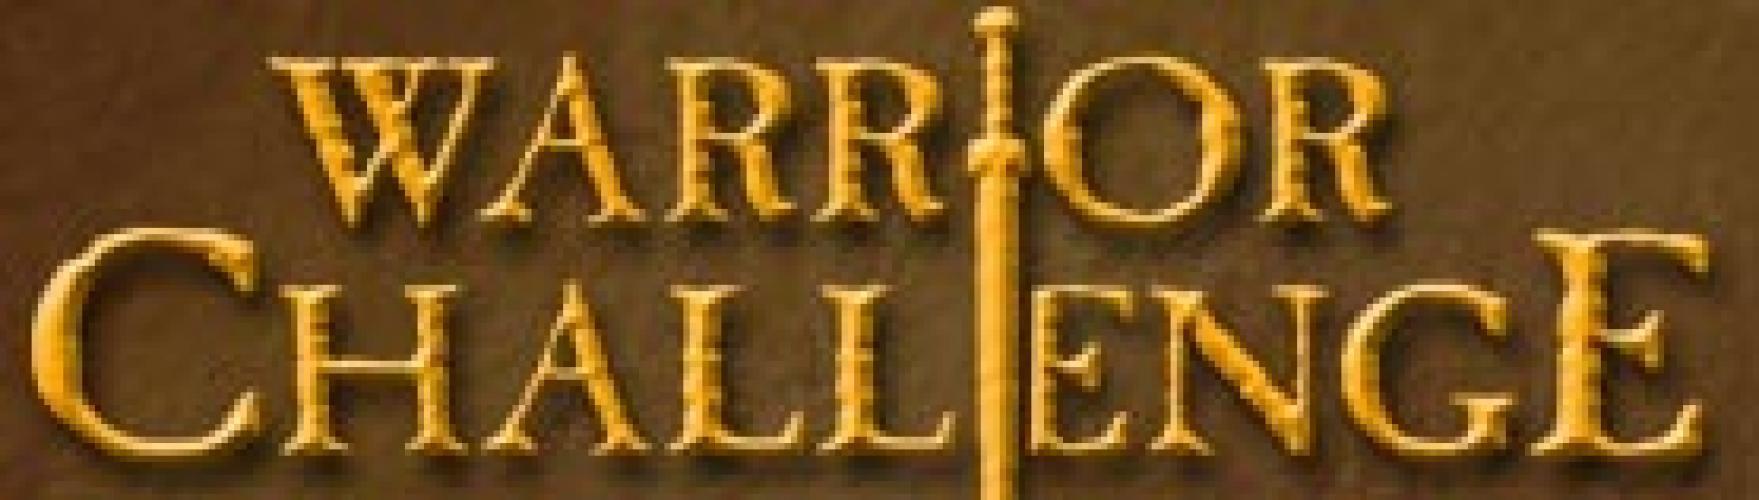 Warrior Challenge next episode air date poster